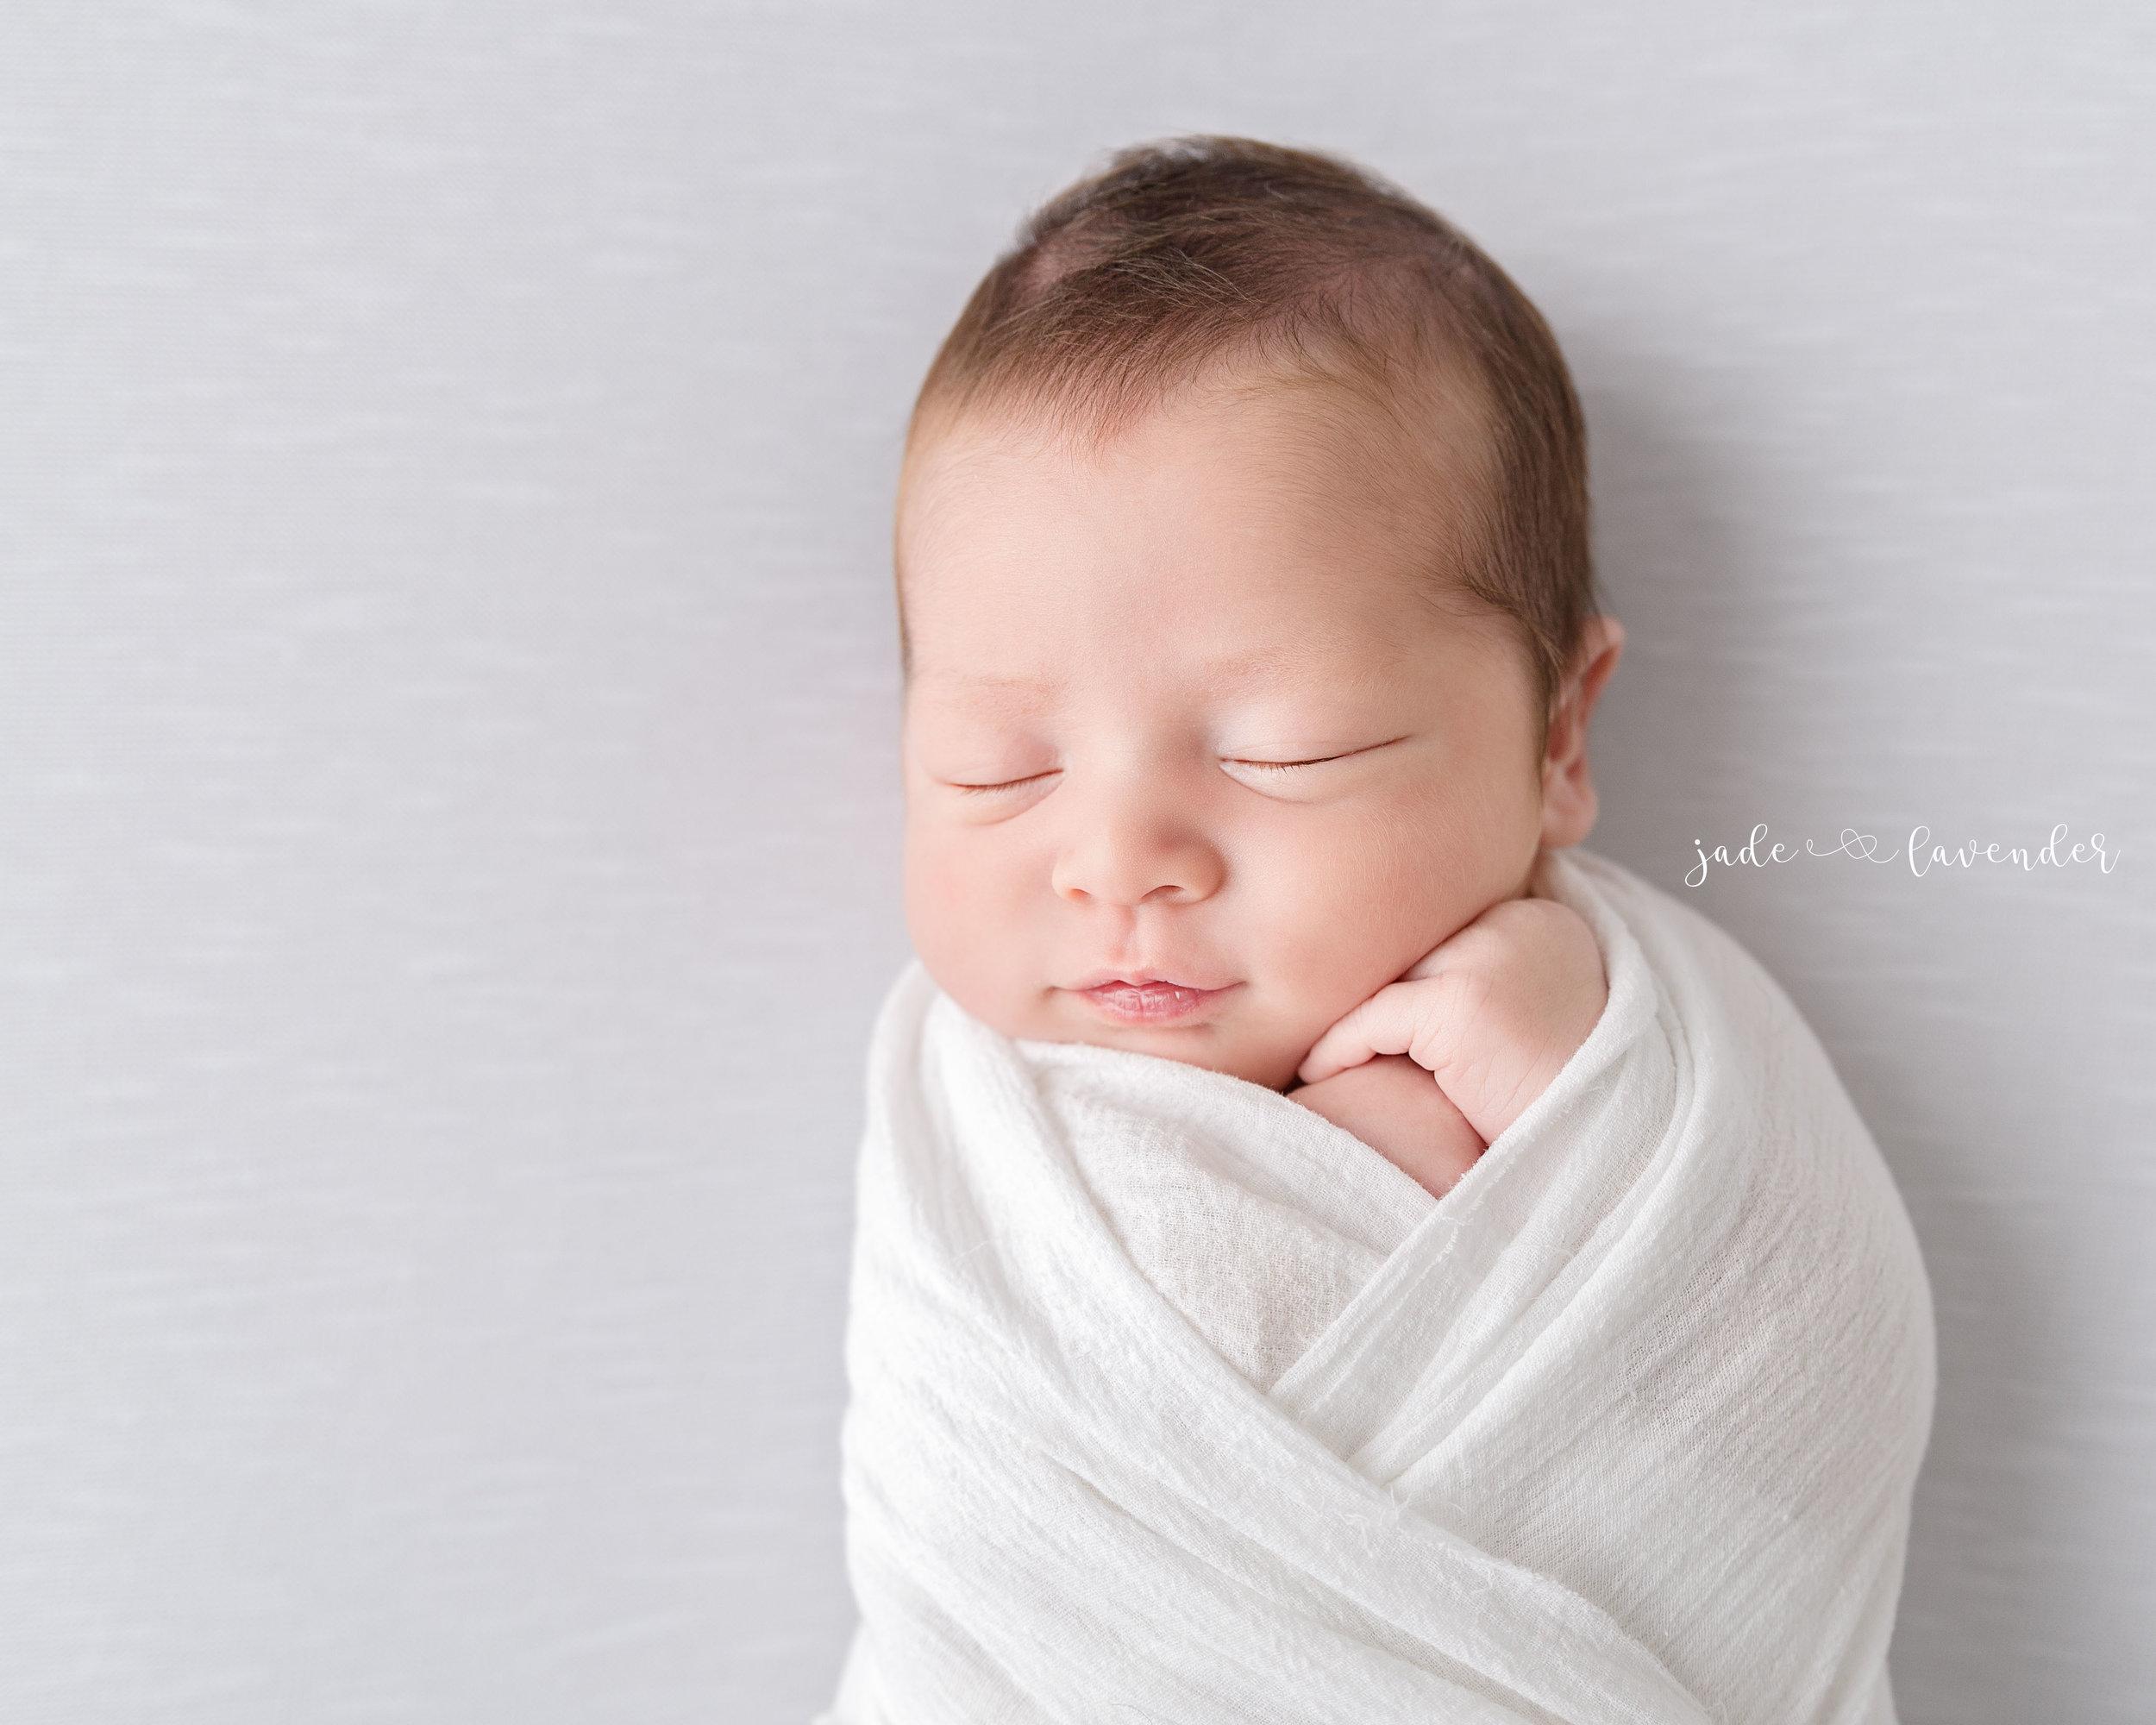 Newborn-photography-baby-images-infant-photos-baby-boy-mini-session-spokane-washington (1 of 7).jpg